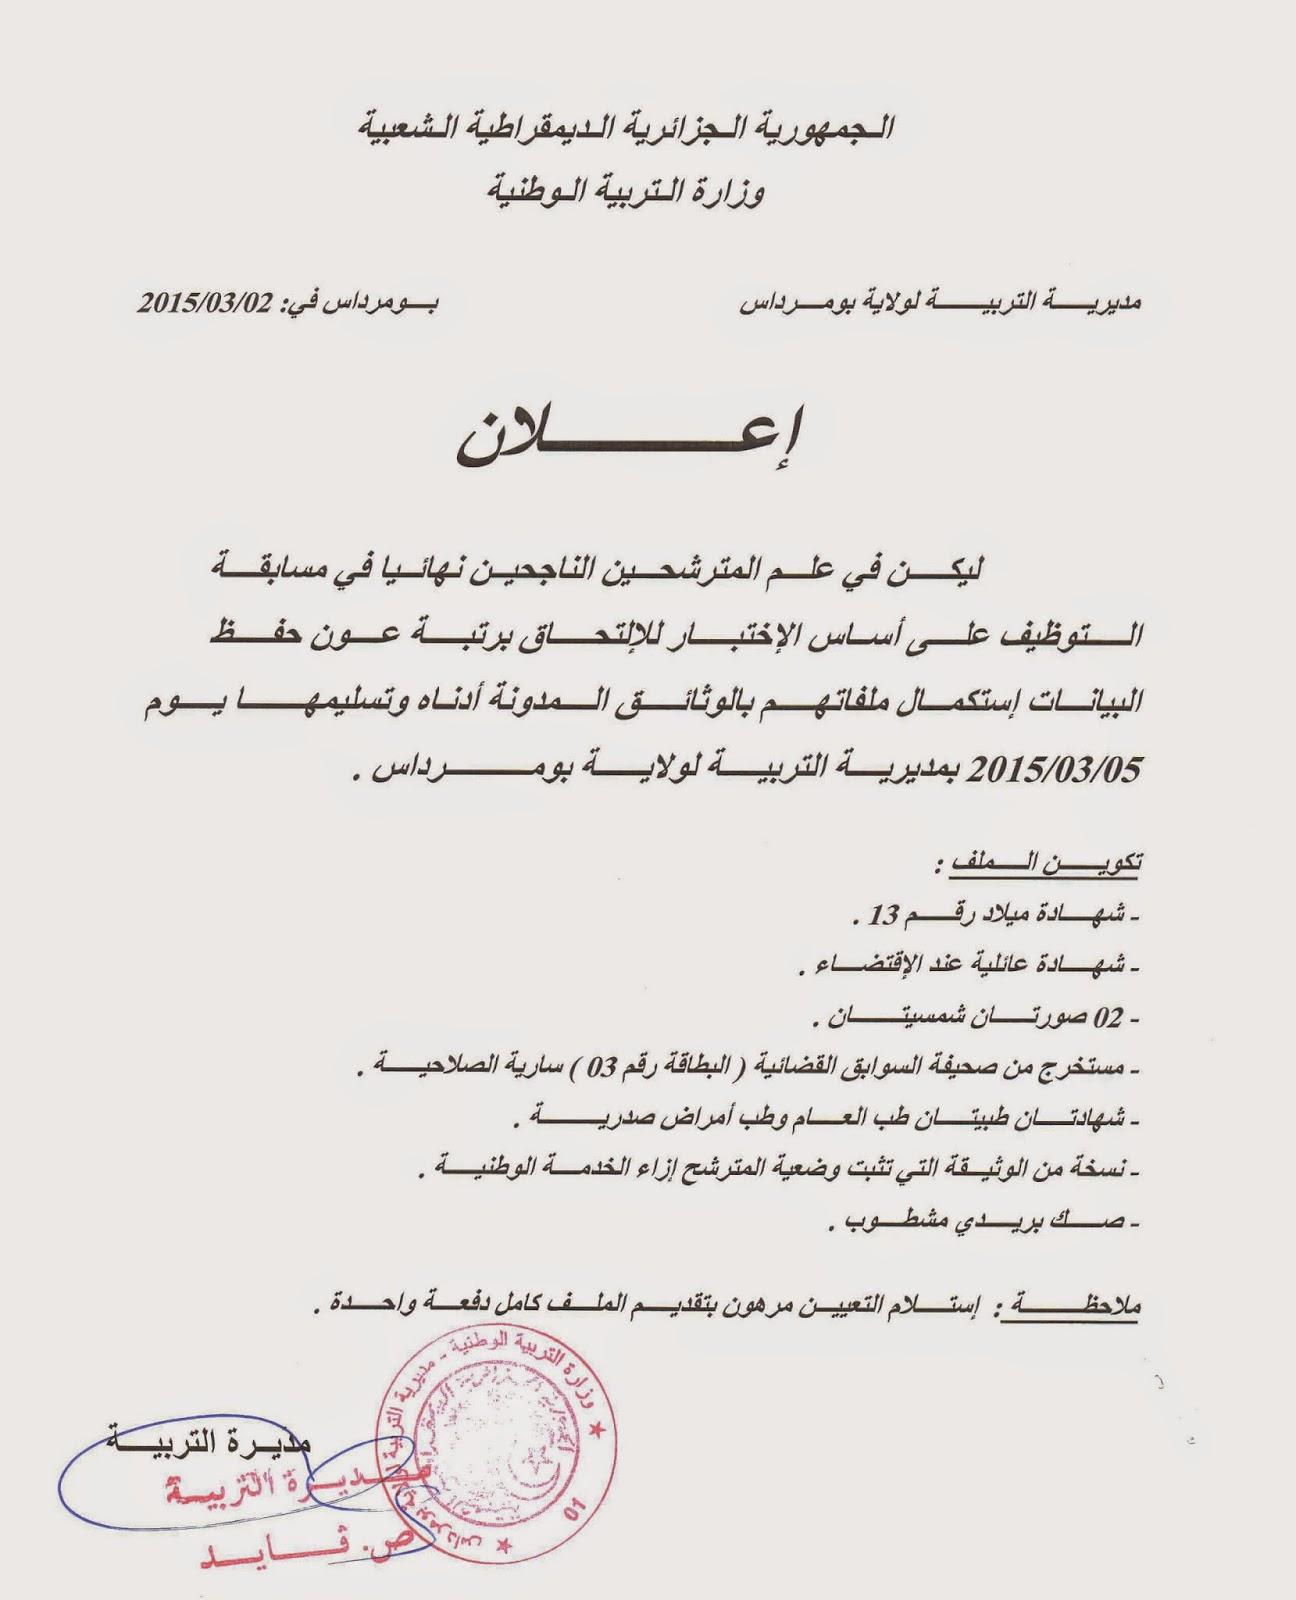 اعلان للناجحين رتبة عون حفظ البيانات بمديرية التربية بومرداس